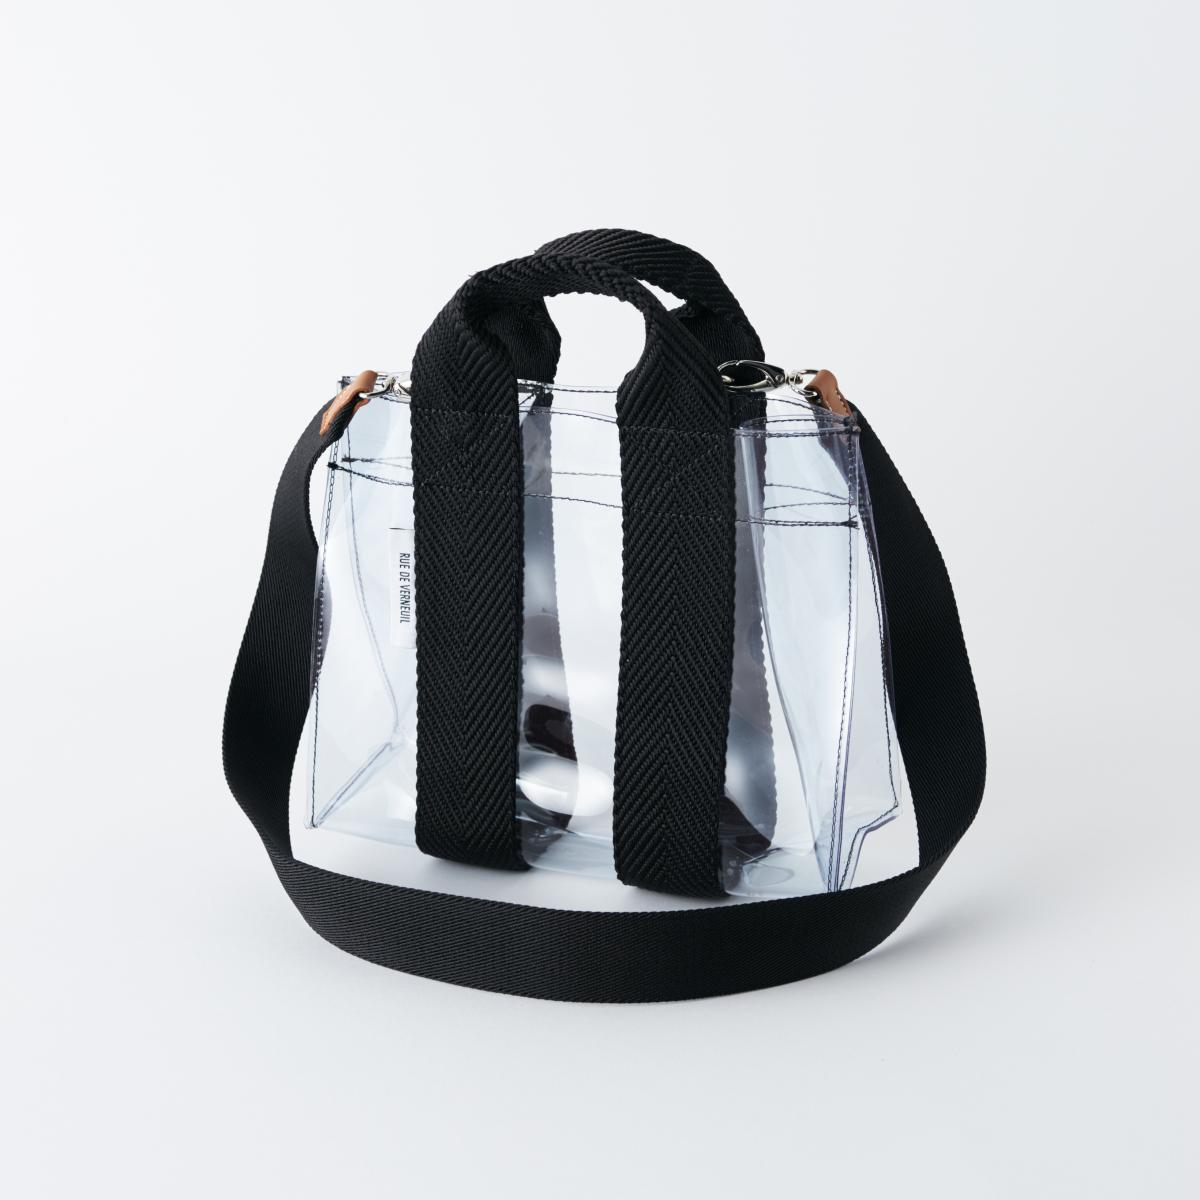 人気バッグがトランスペアレントに【リュ ドゥ ヴェルヌイユ】